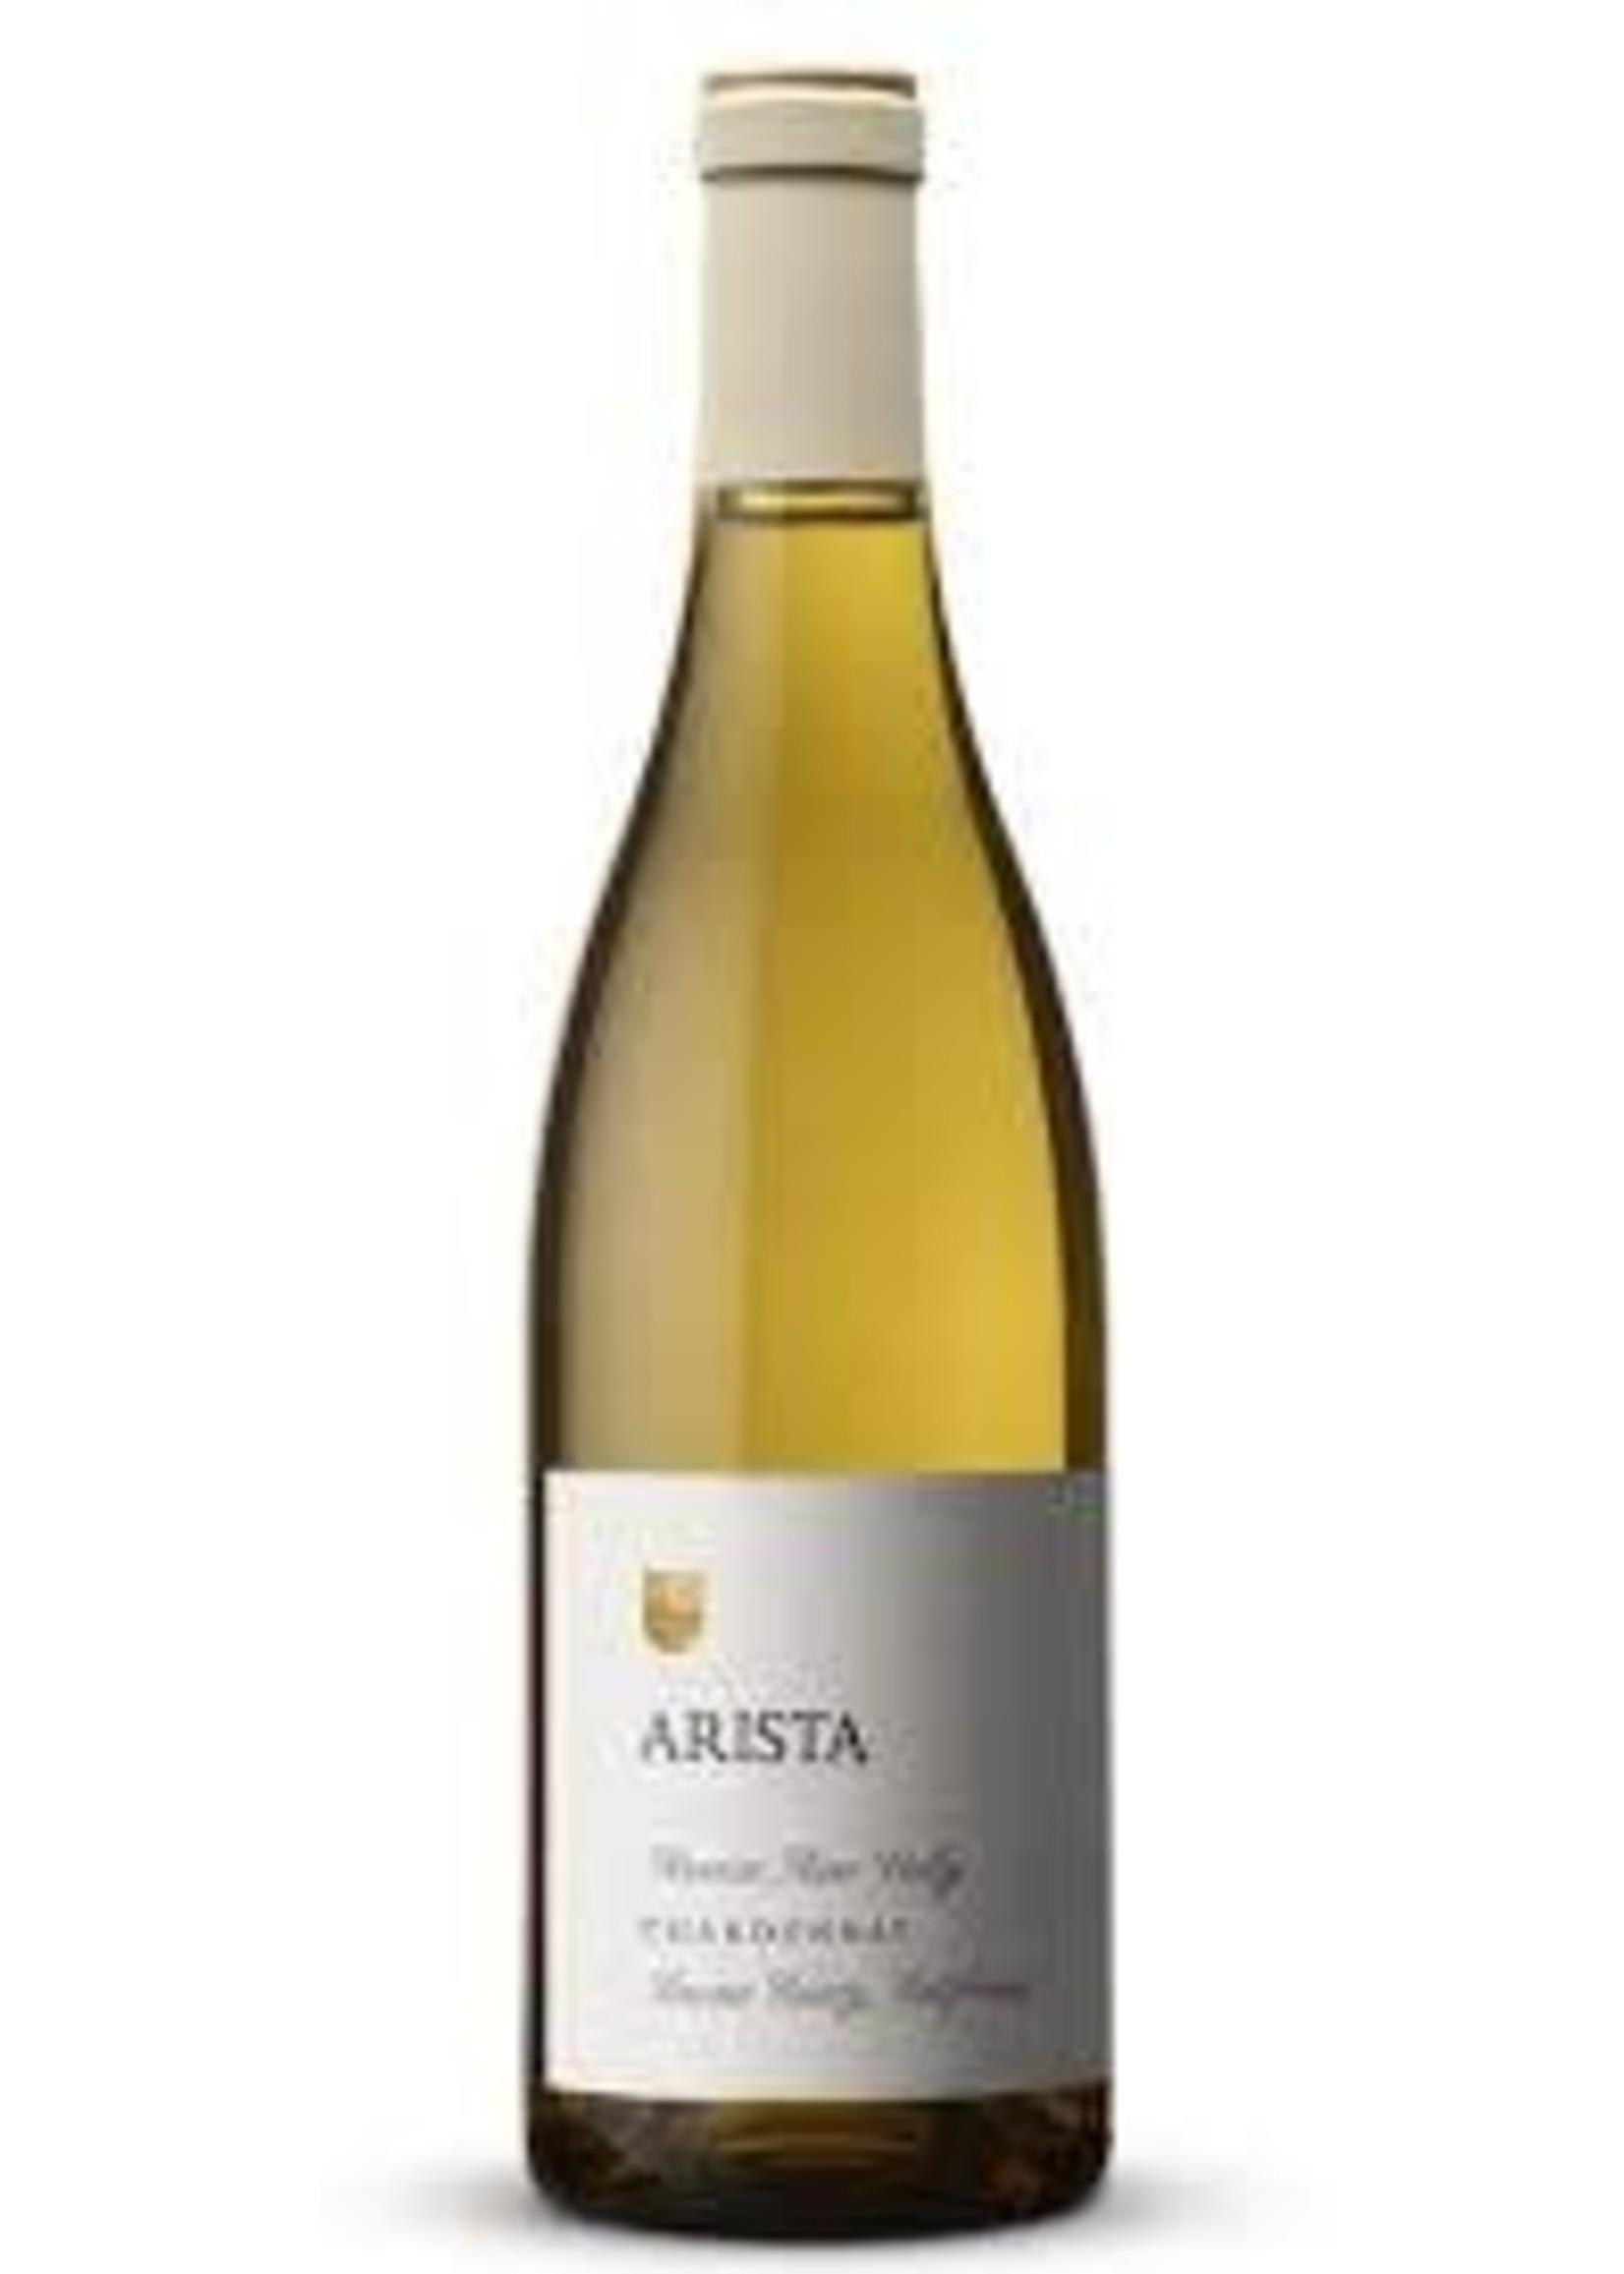 Arista 2017 Chardonnay Ritchie Vyd 750ml